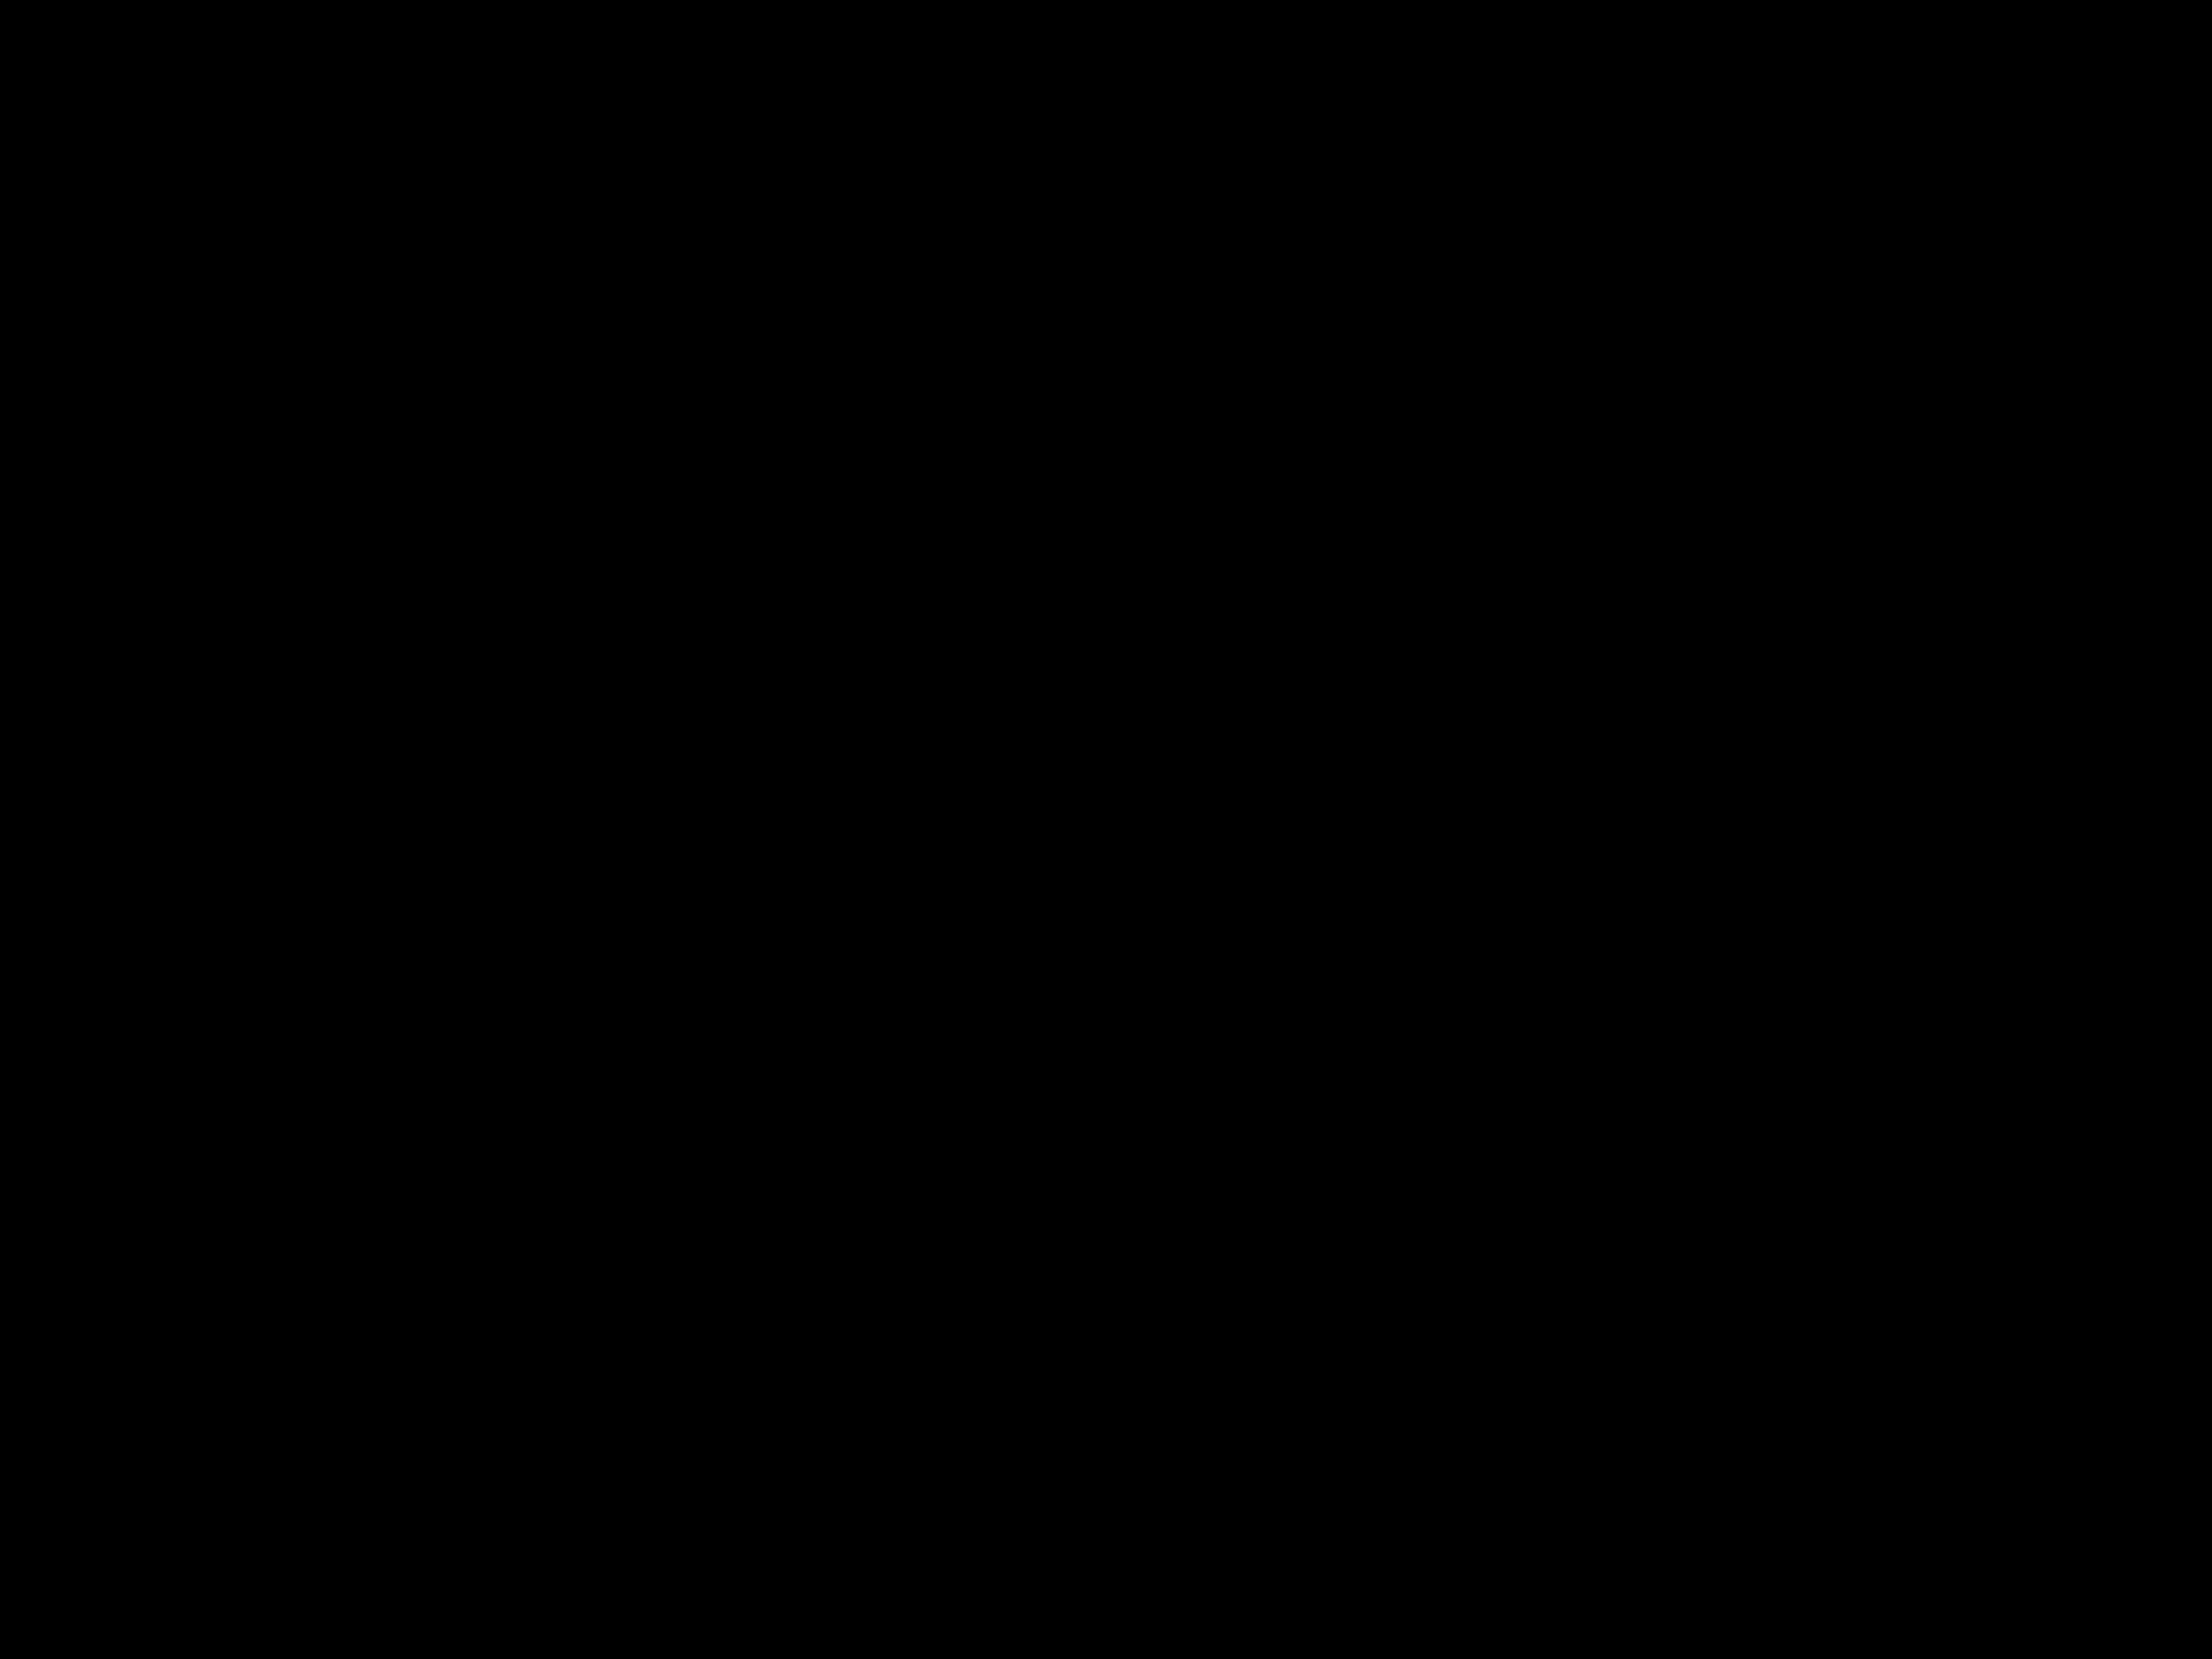 Zirbenmöbel aus Zirbenholz in der Ausstellung